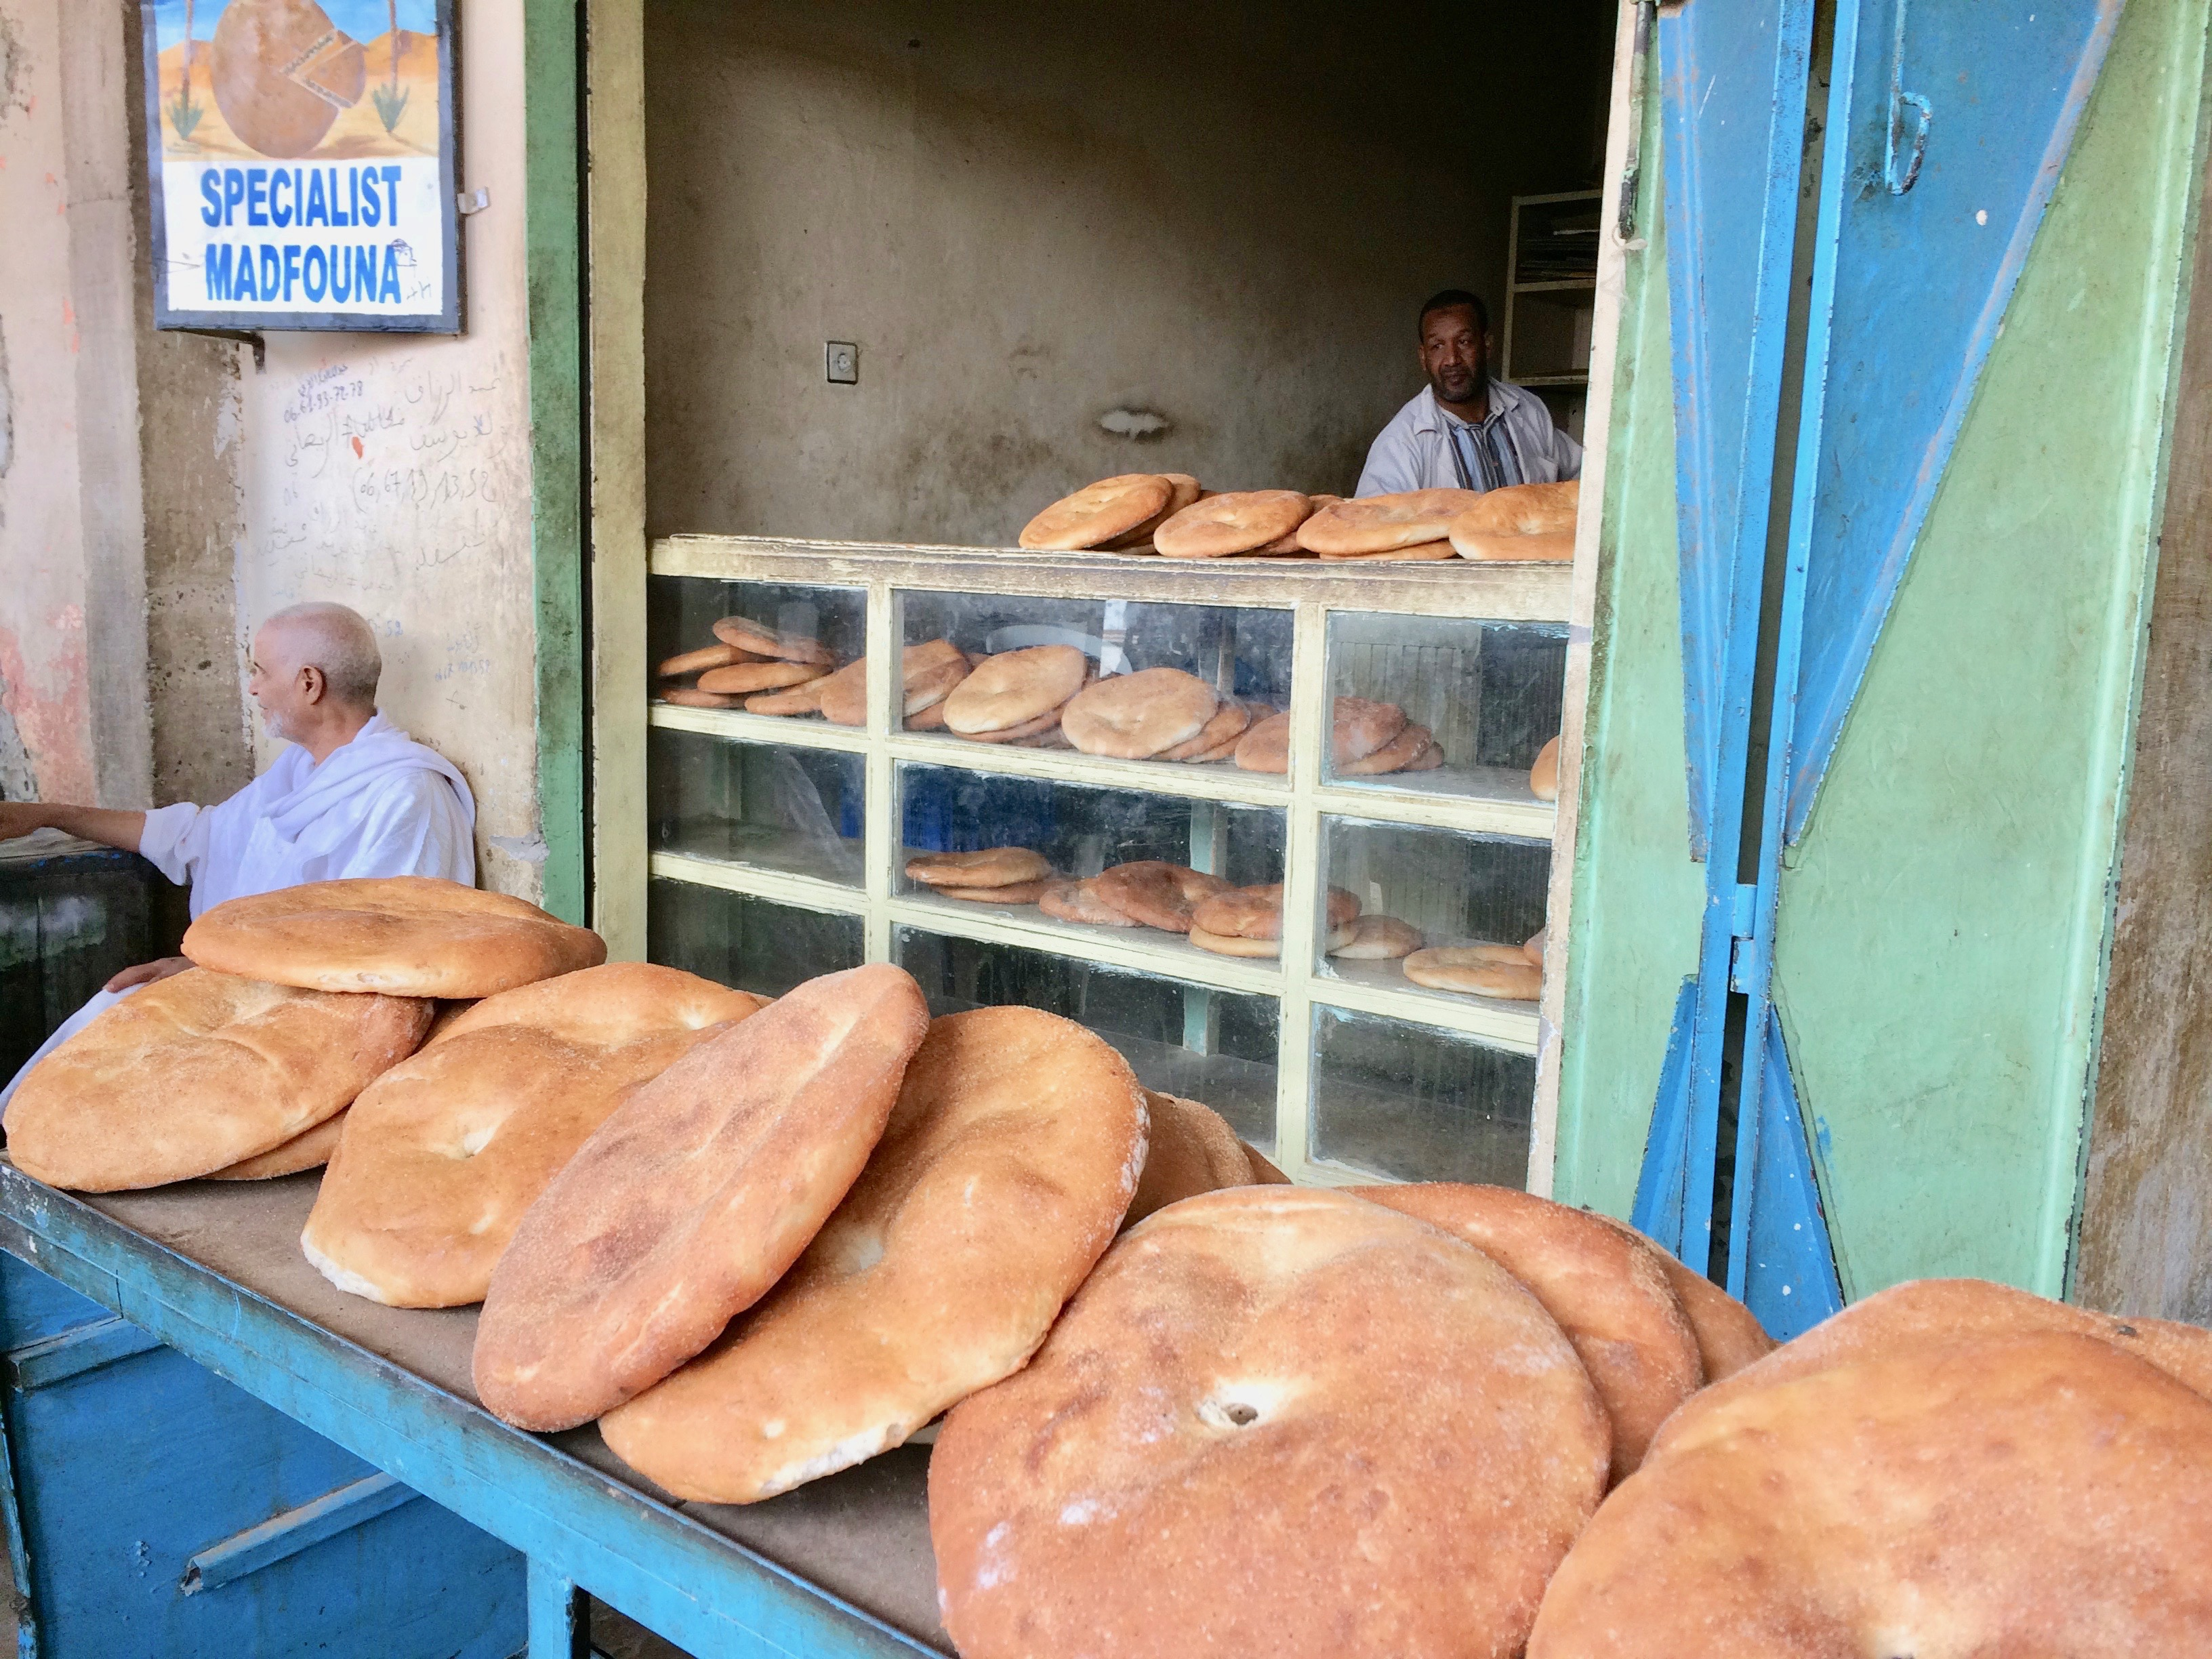 Most delicious bread